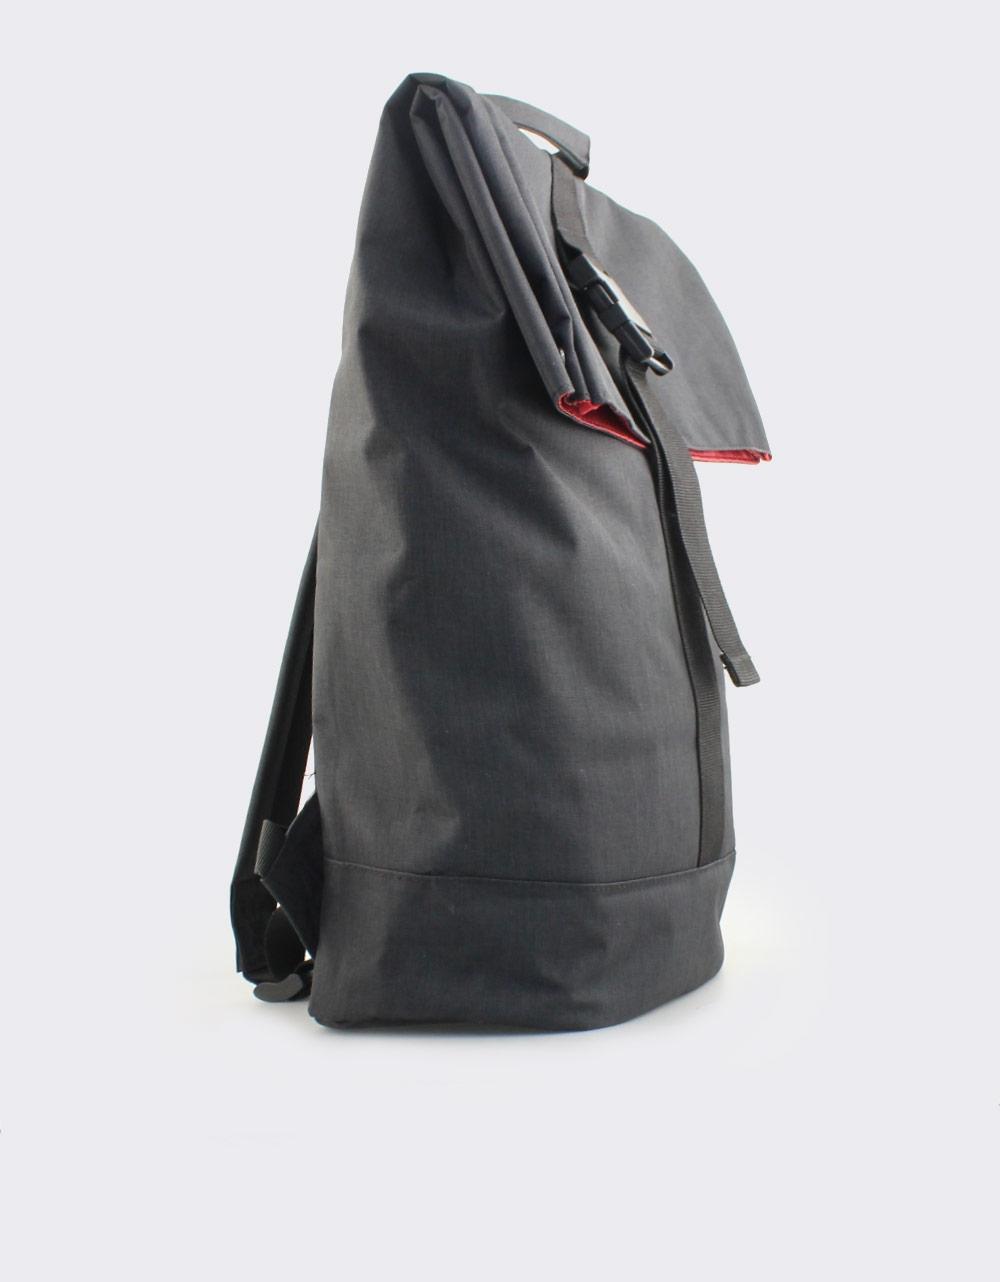 Εικόνα από Ανδρικά σακίδια πλάτης μονόχρωμα Μαύρο